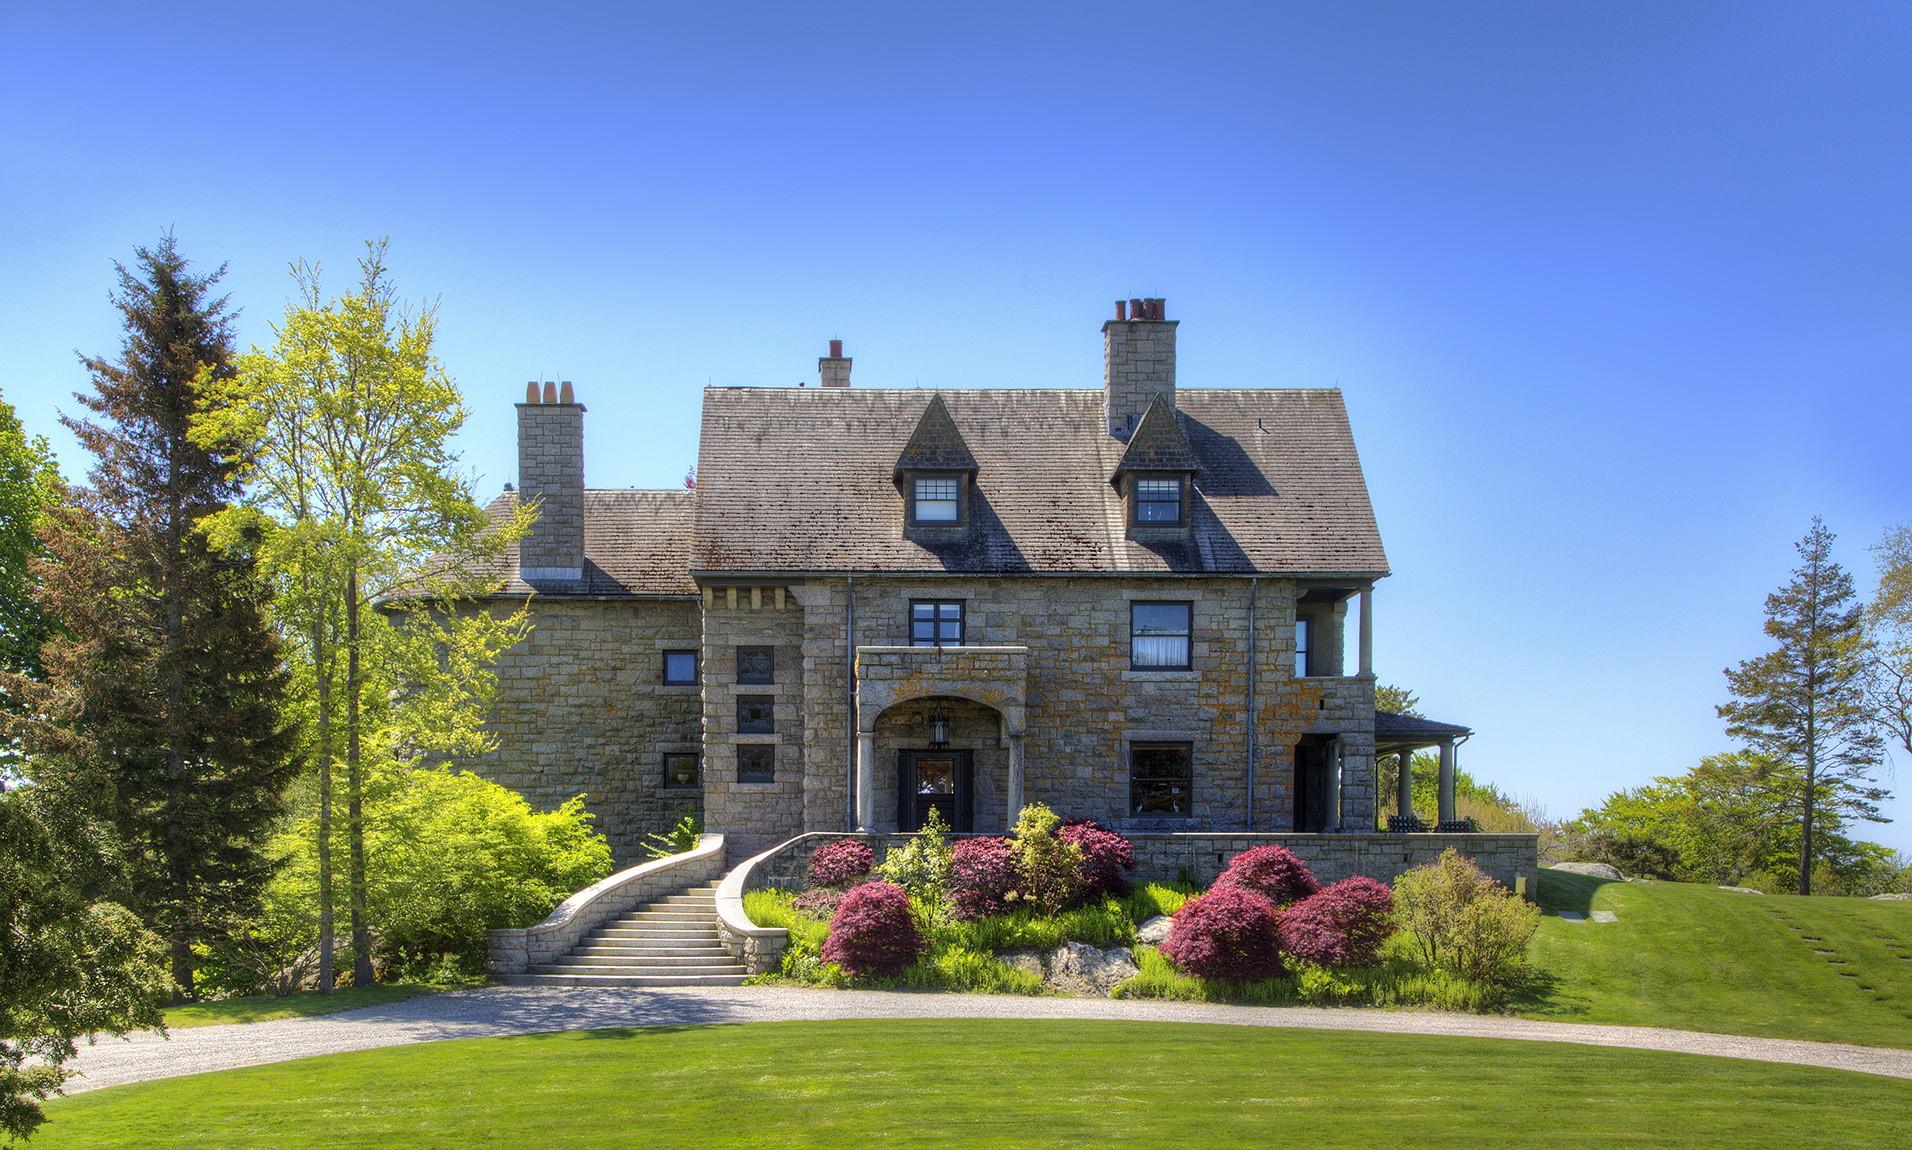 Casa Unifamiliar por un Venta en Wild Moor Estate 21 Hammersmith Road Newport, Rhode Island 02840 Estados Unidos